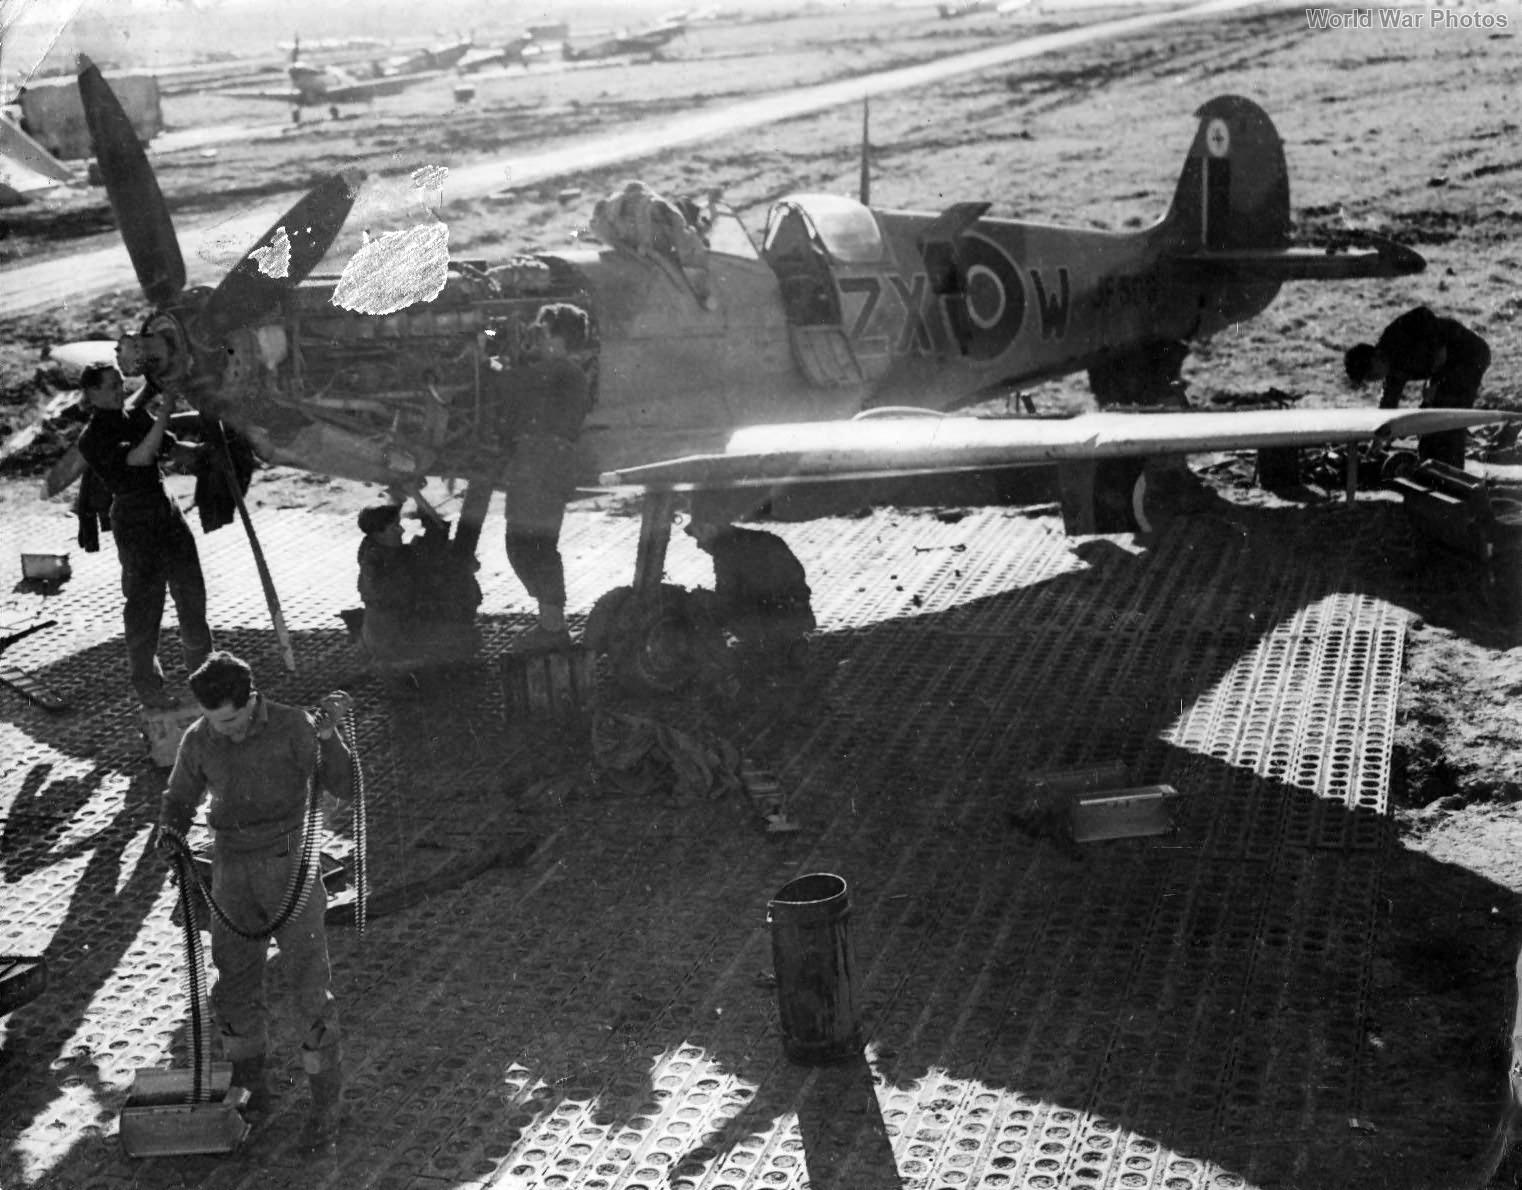 Spitfire LFVIII JF503 ZX-W February 1944